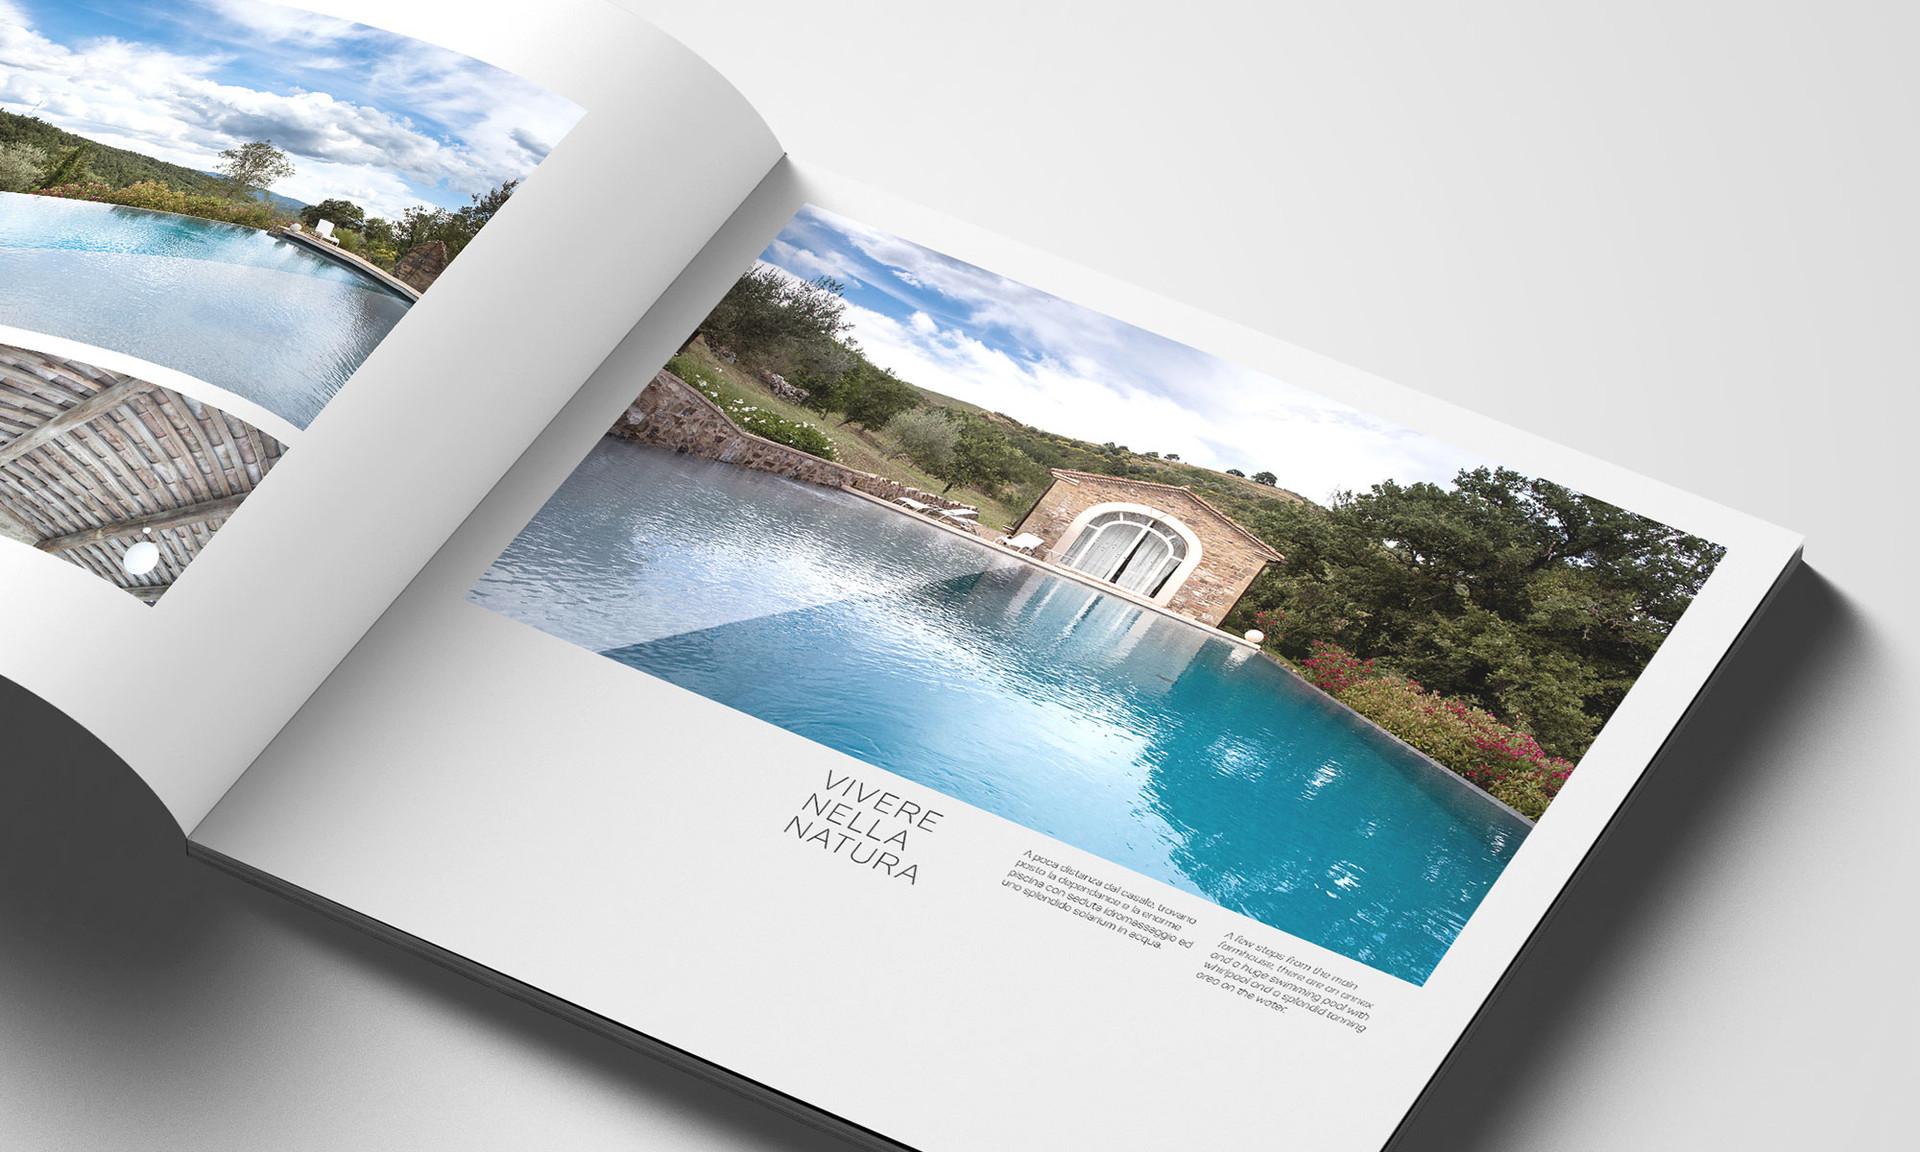 baiocco-villas-brochure-spread6.jpg